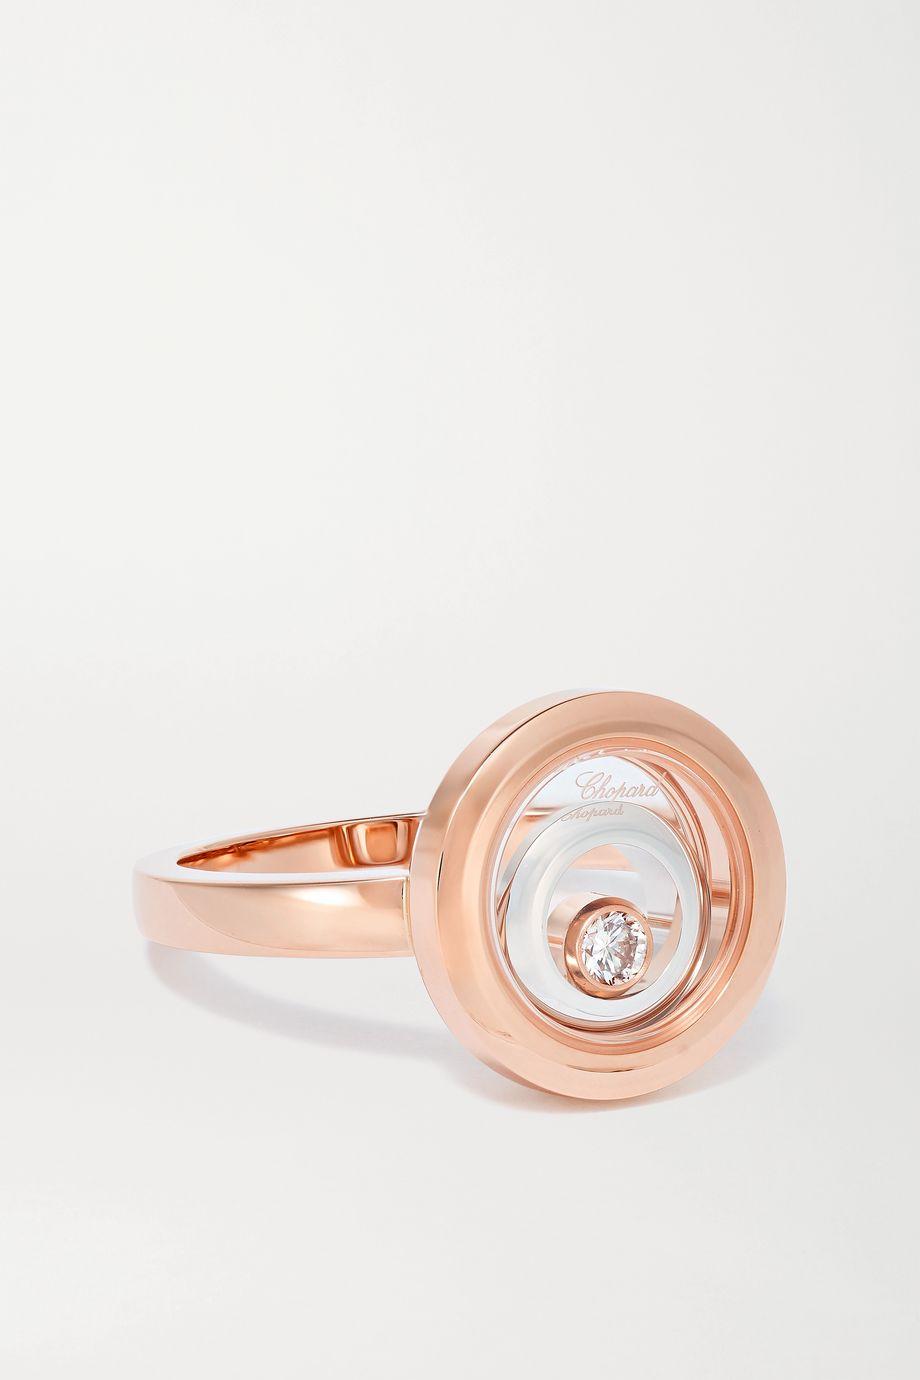 Chopard Happy Spirit Ring aus 18 Karat Rosé- und Weißgold mit Diamant